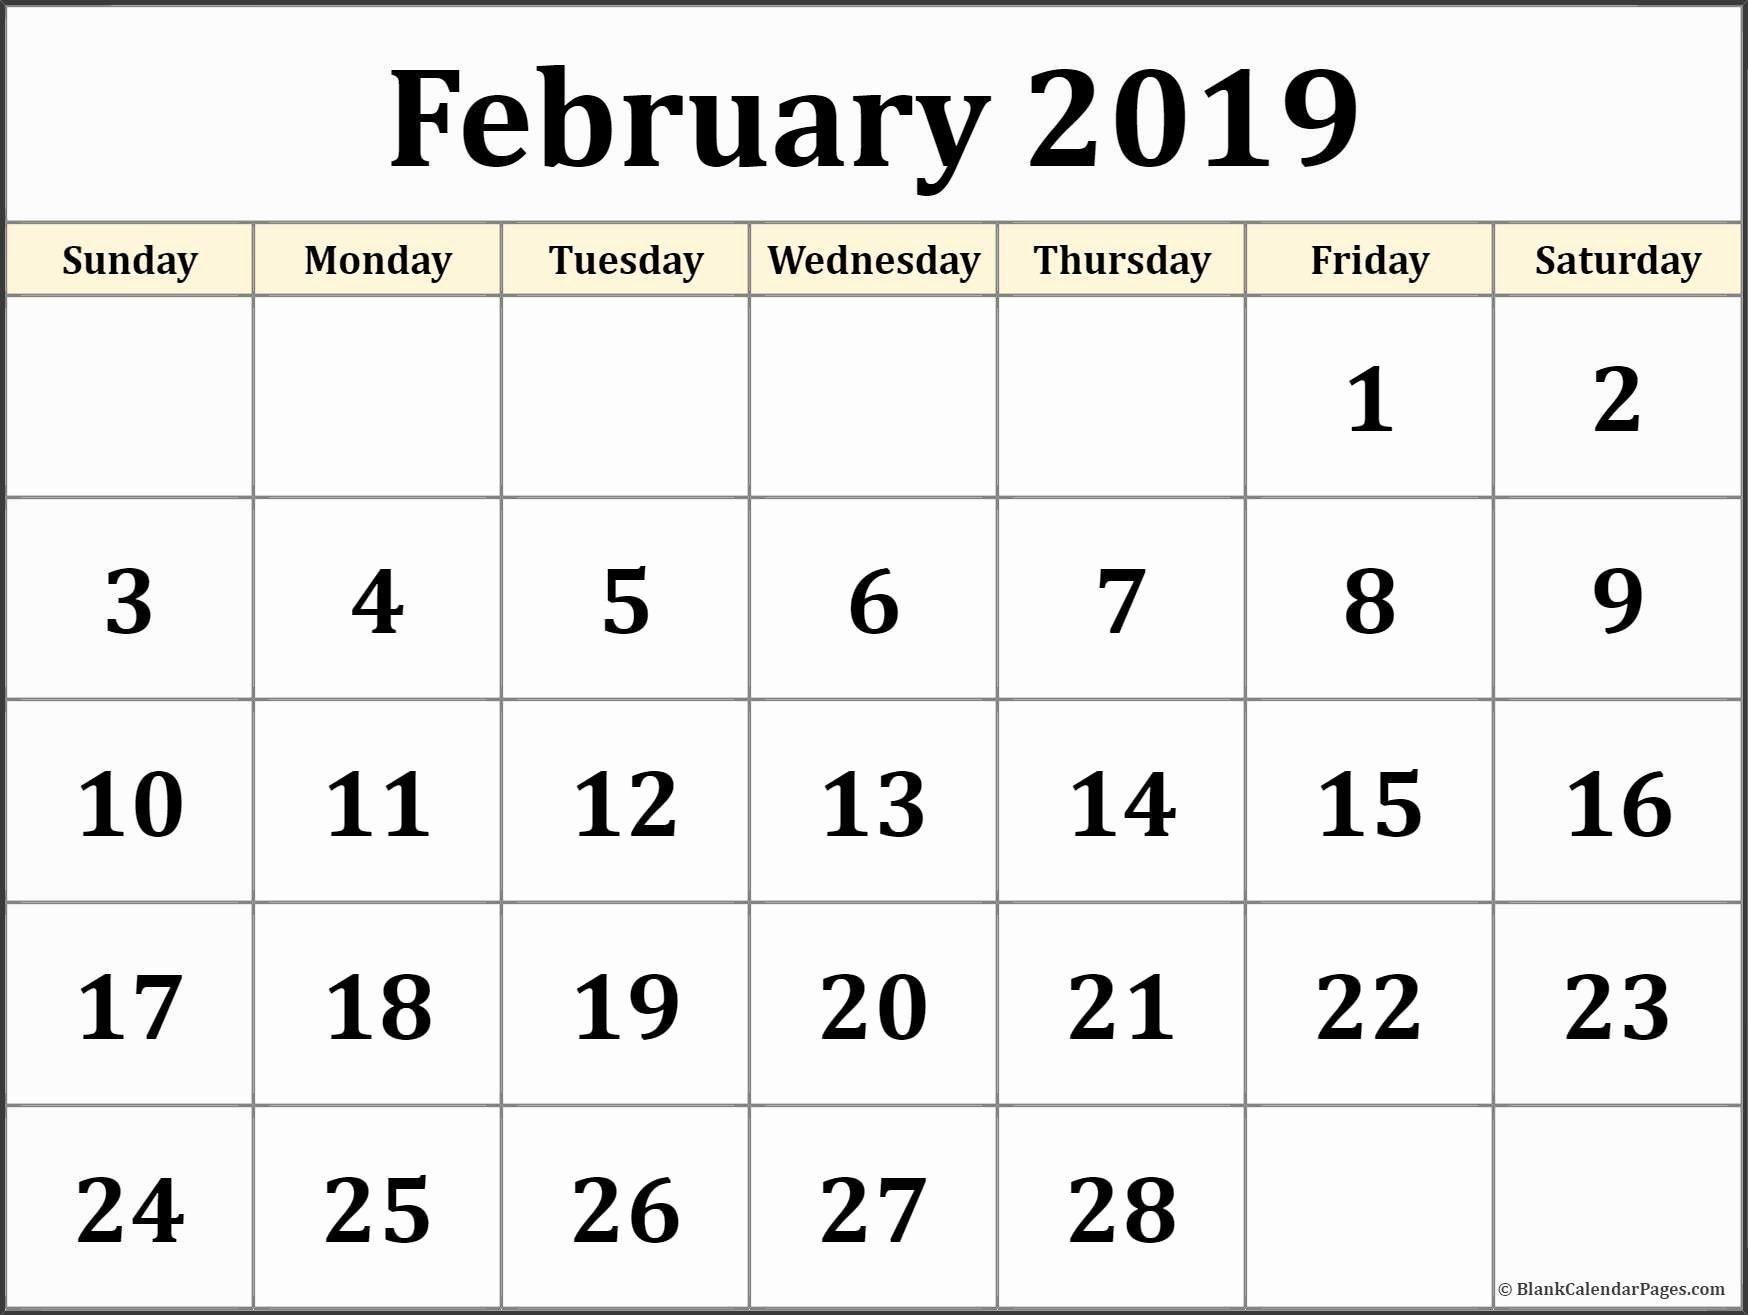 march 2019 calendar excel mas populares february 2019 blank calendar of march 2019 calendar excel